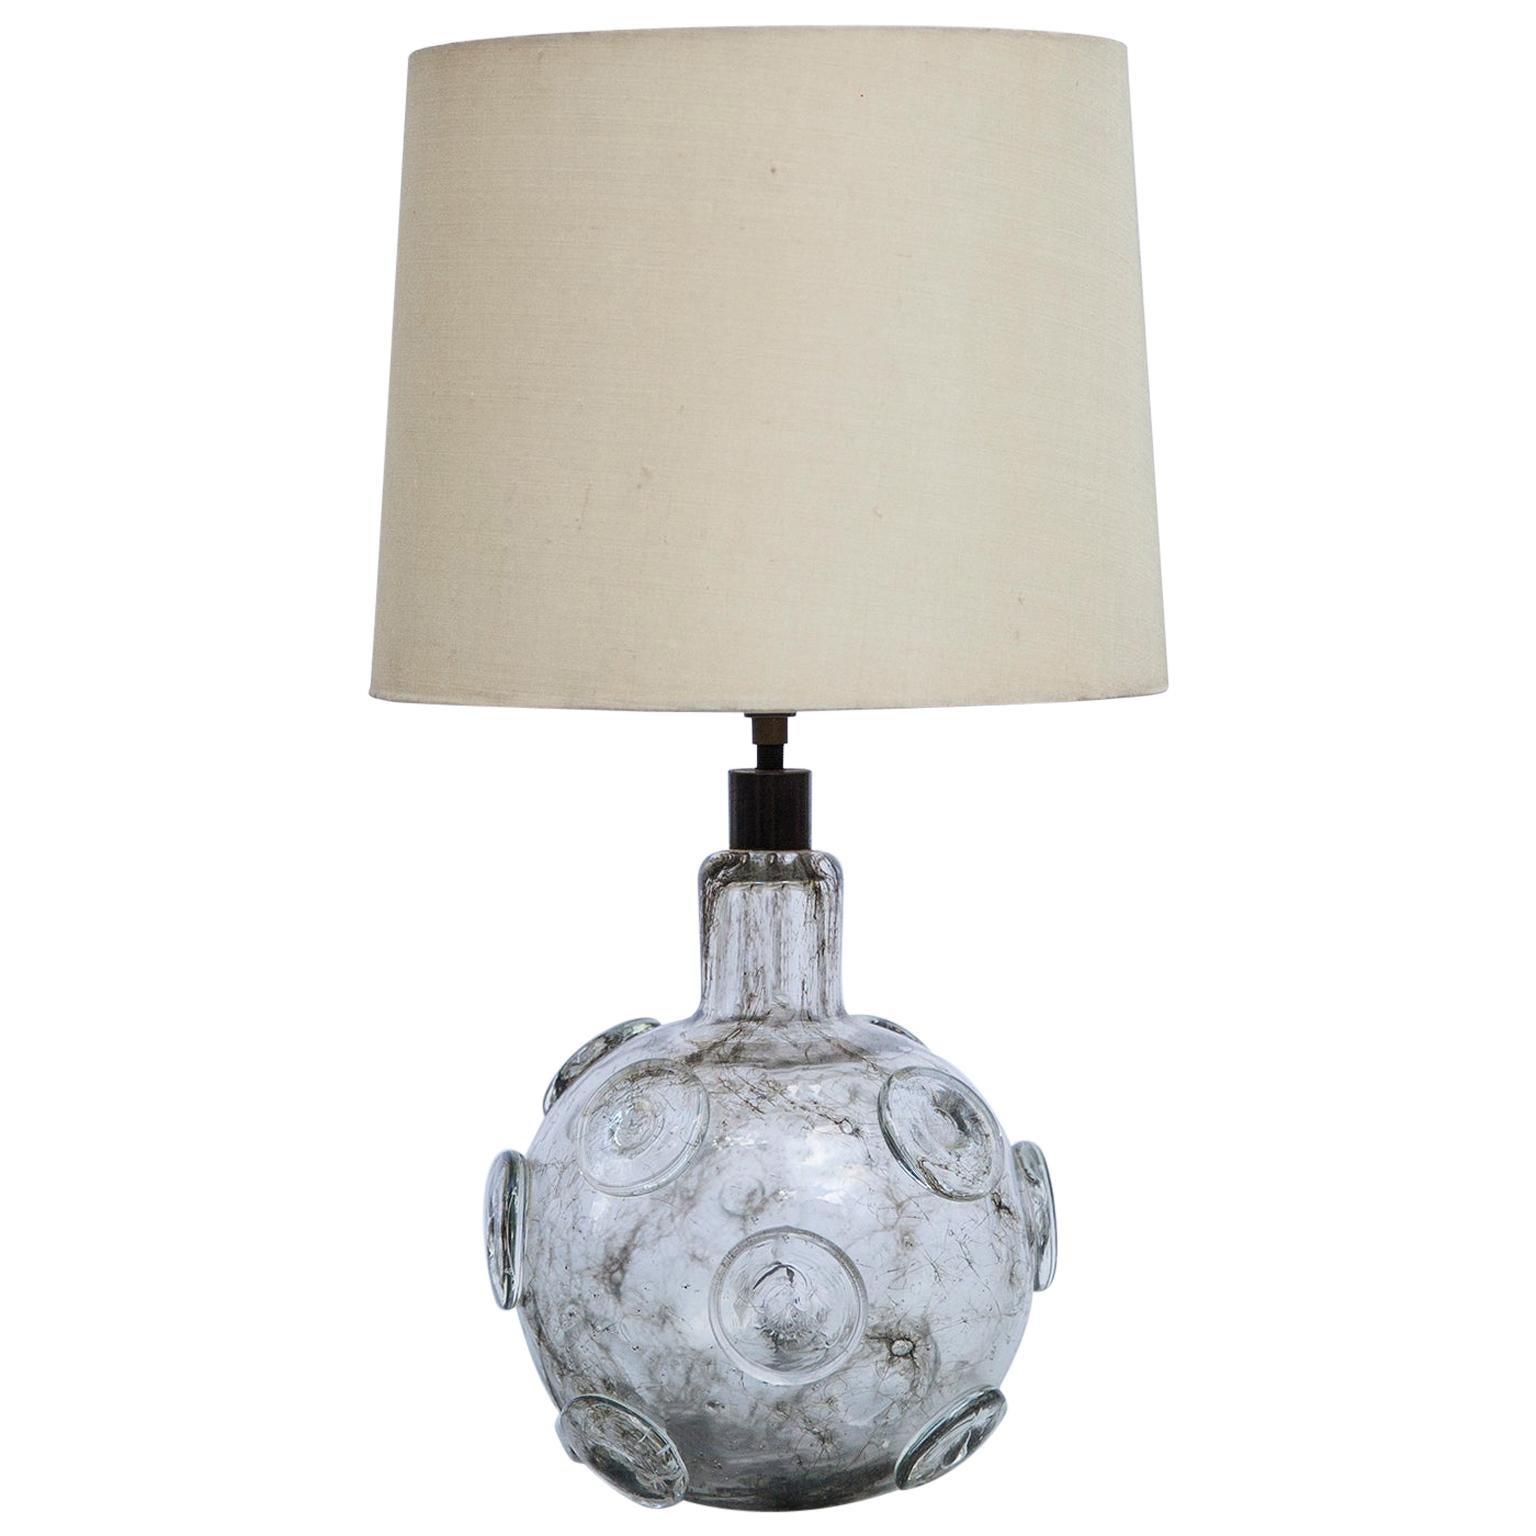 Ercole Barovier Crepuscolo Murano Table Lamp, Italy, 1930s